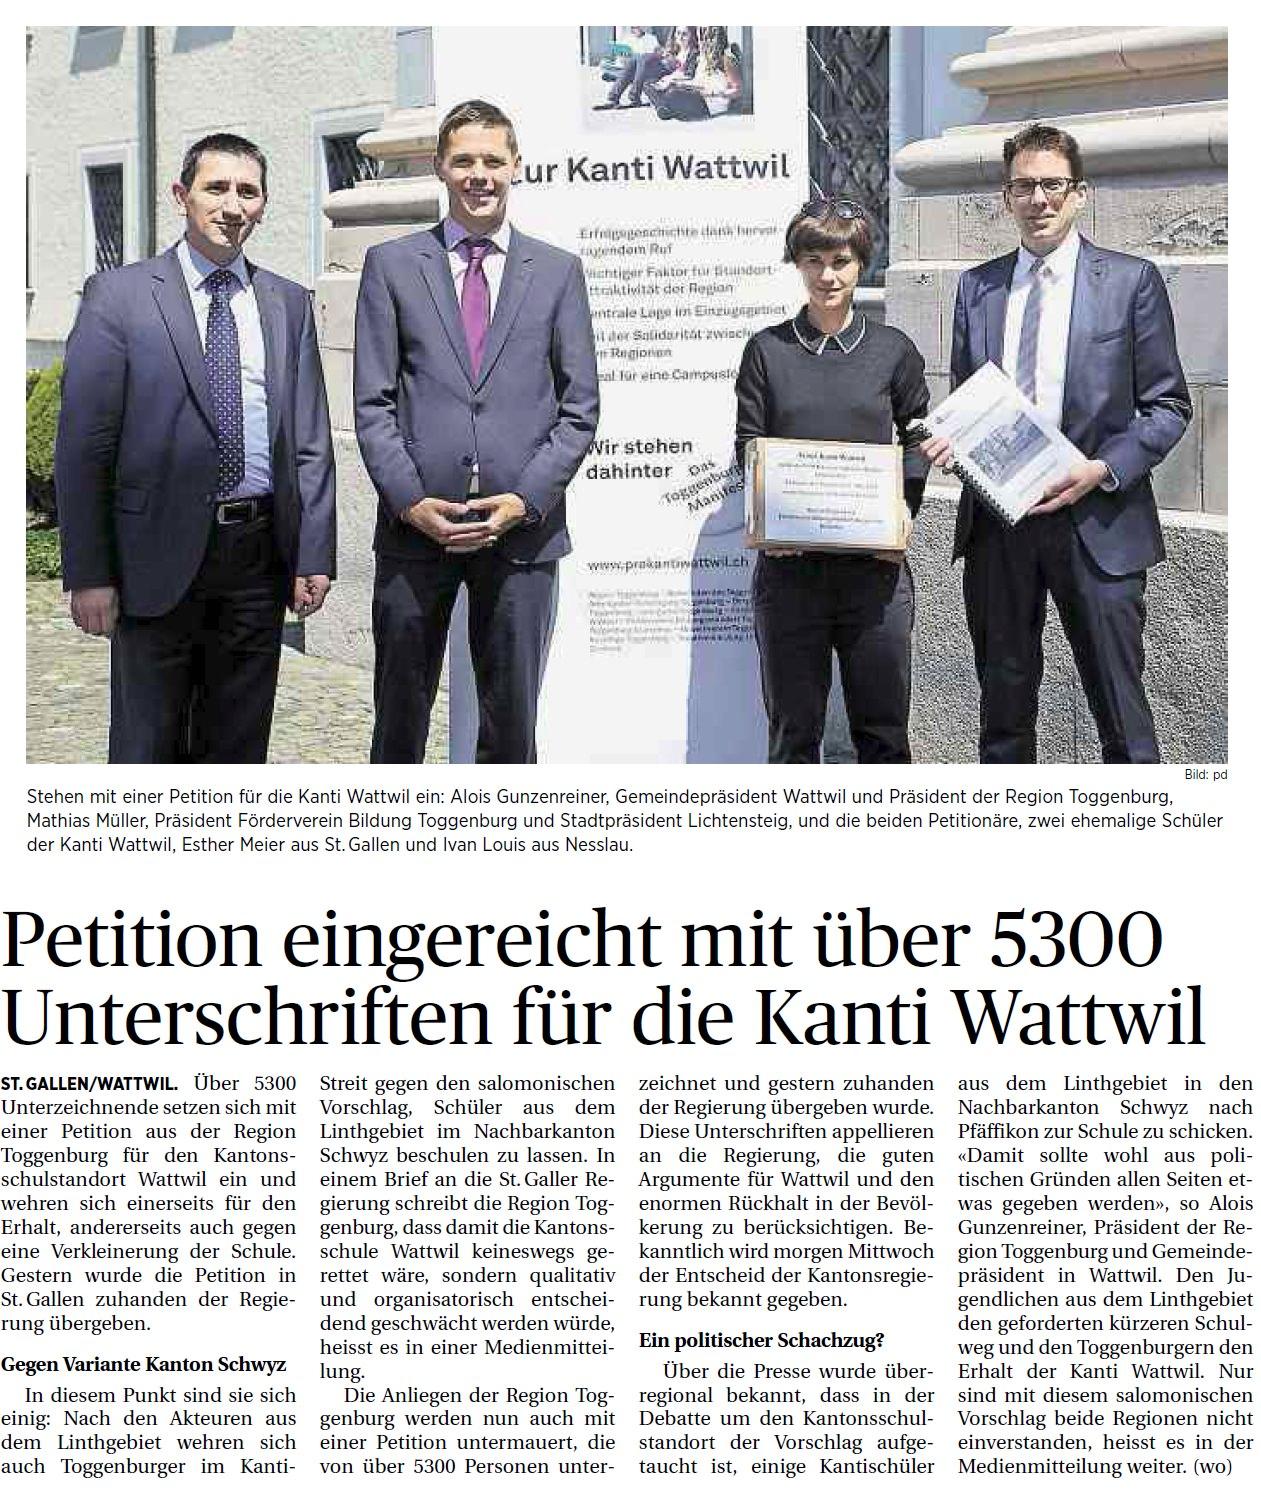 Petition eingereicht mit über 5300 Unterschriften für die Kanti Wattwil (Dienstag, 06.05.2014)